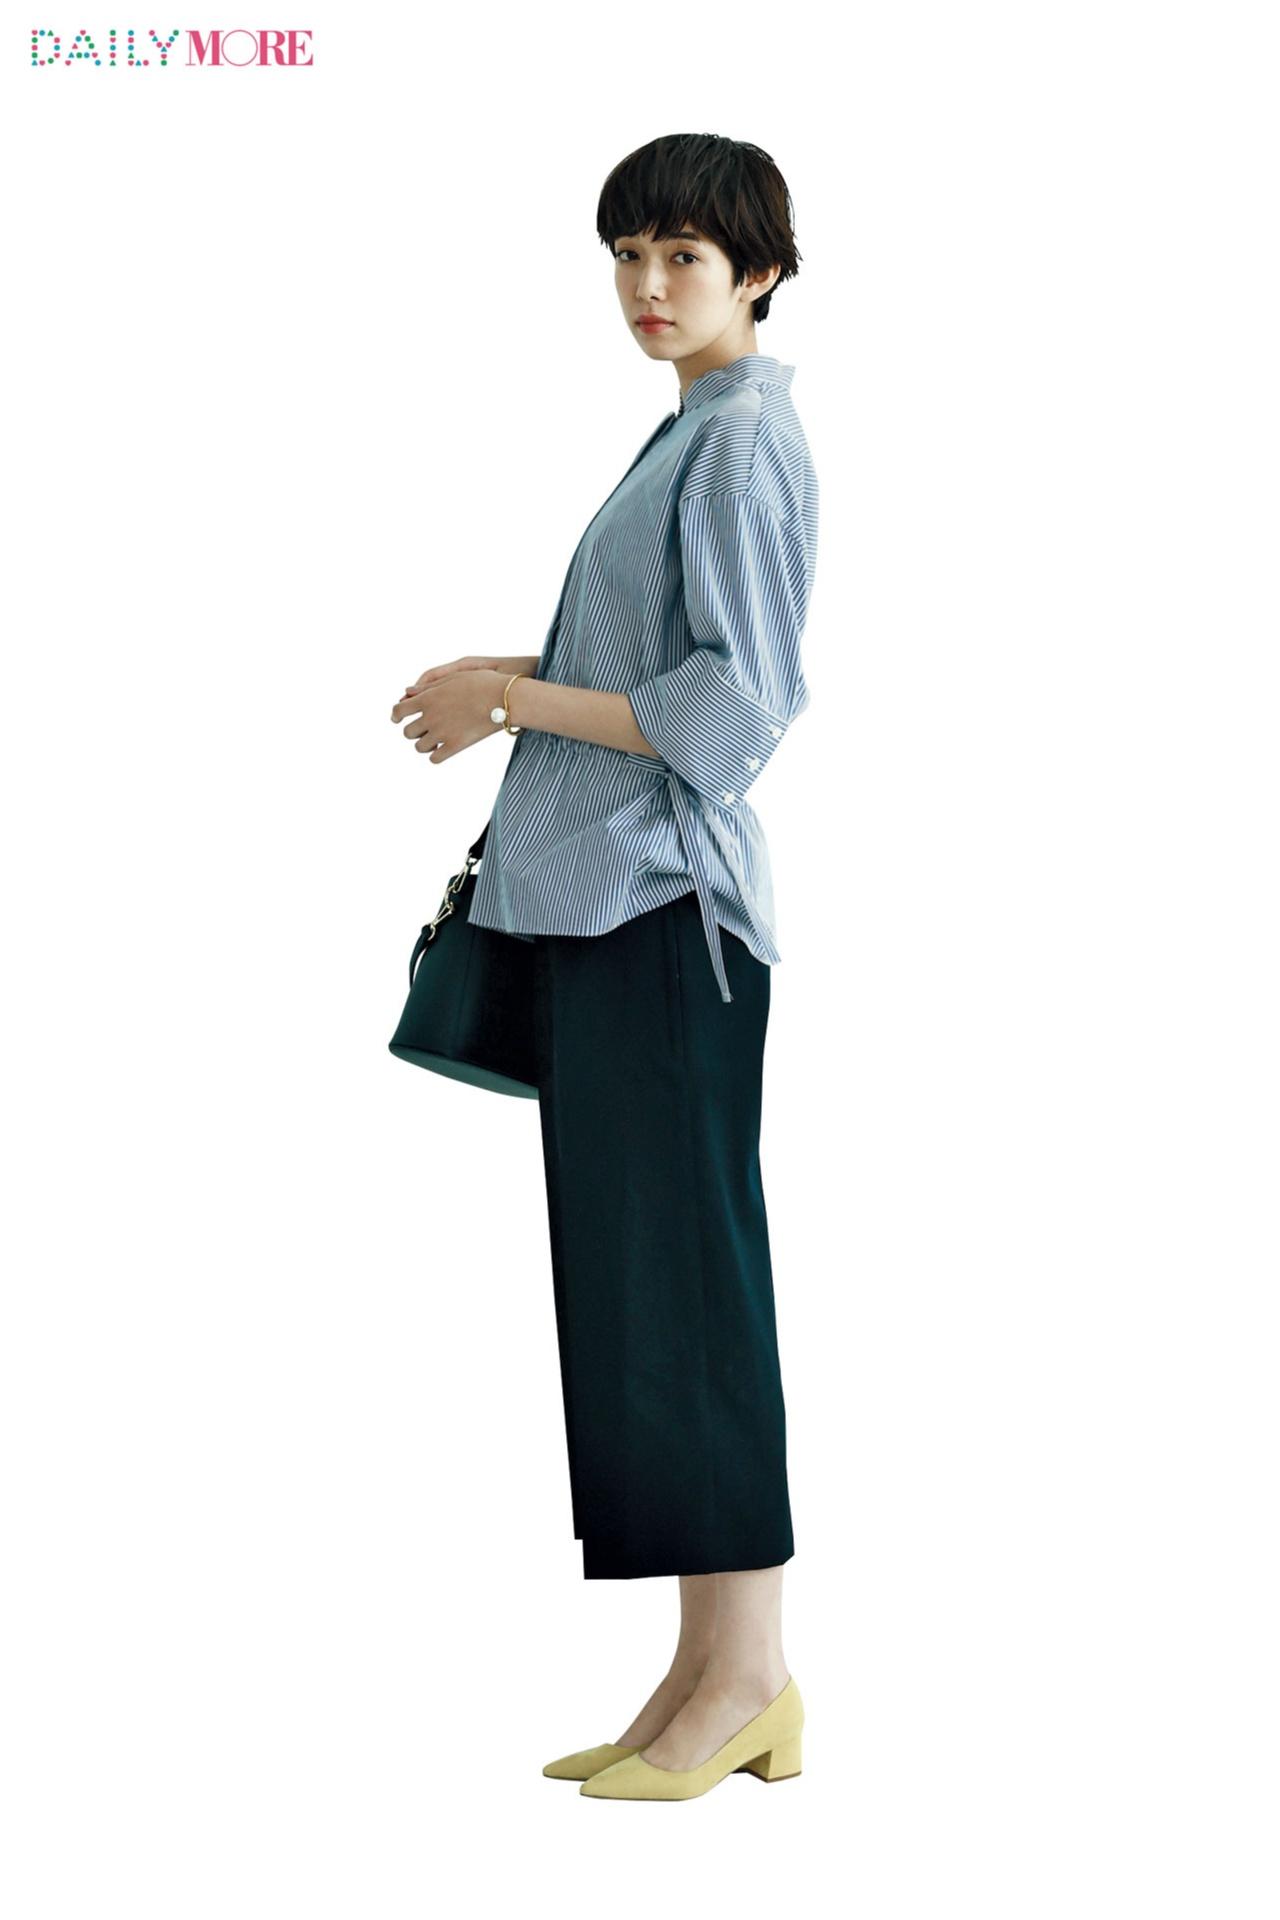 はくだけで会社へ向かう気分がアガる靴! 【ヒールの高さ別】チャンキーヒール靴に似合うパンツはコ・レ・だっ!!_1_2